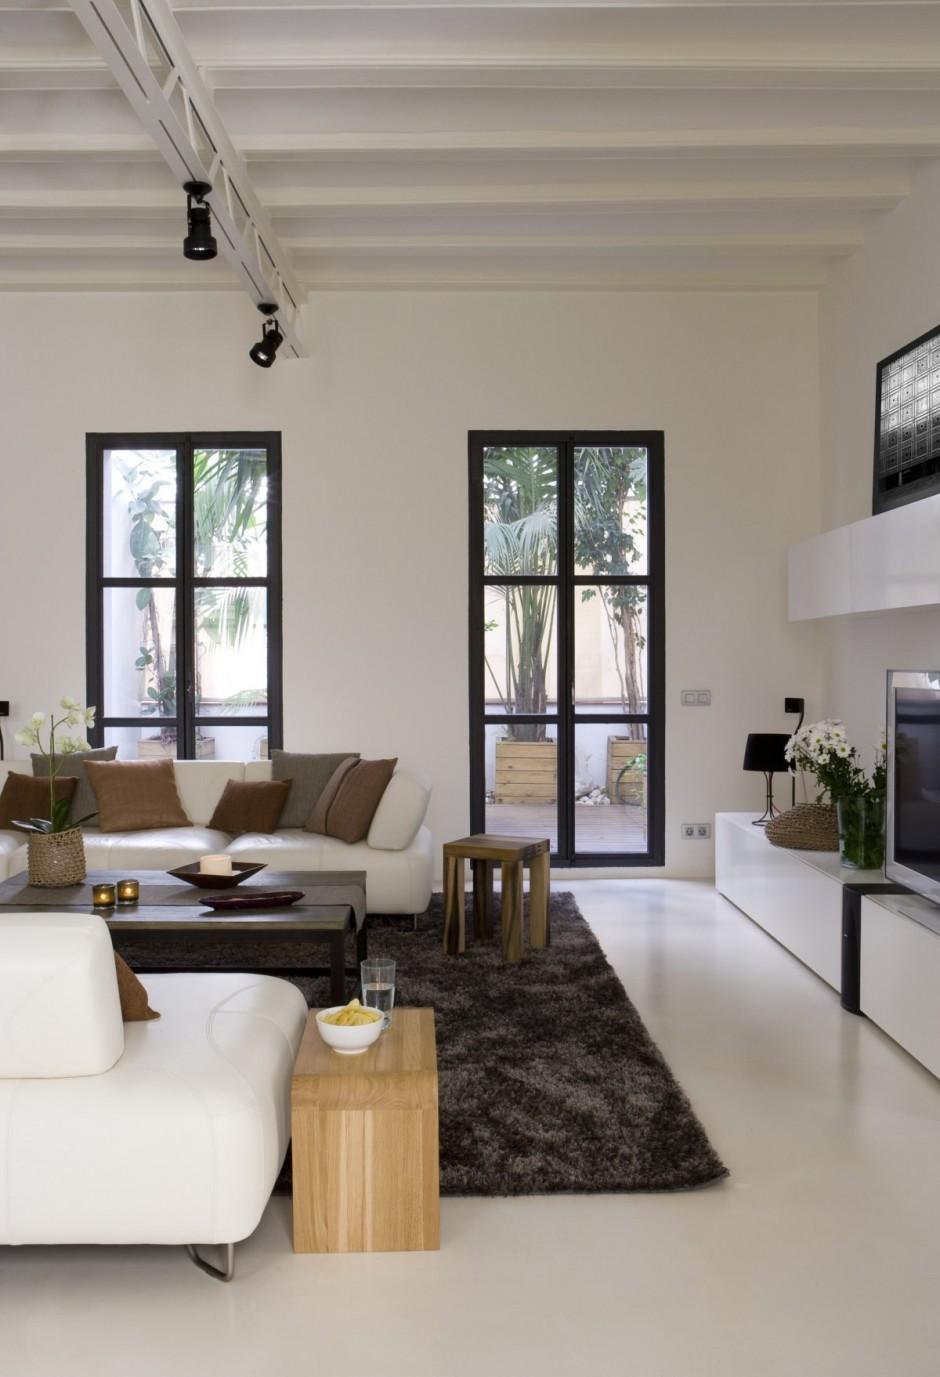 Decoracin de interiores contempornea en pequeos ambientes  Decoracion de Interiores